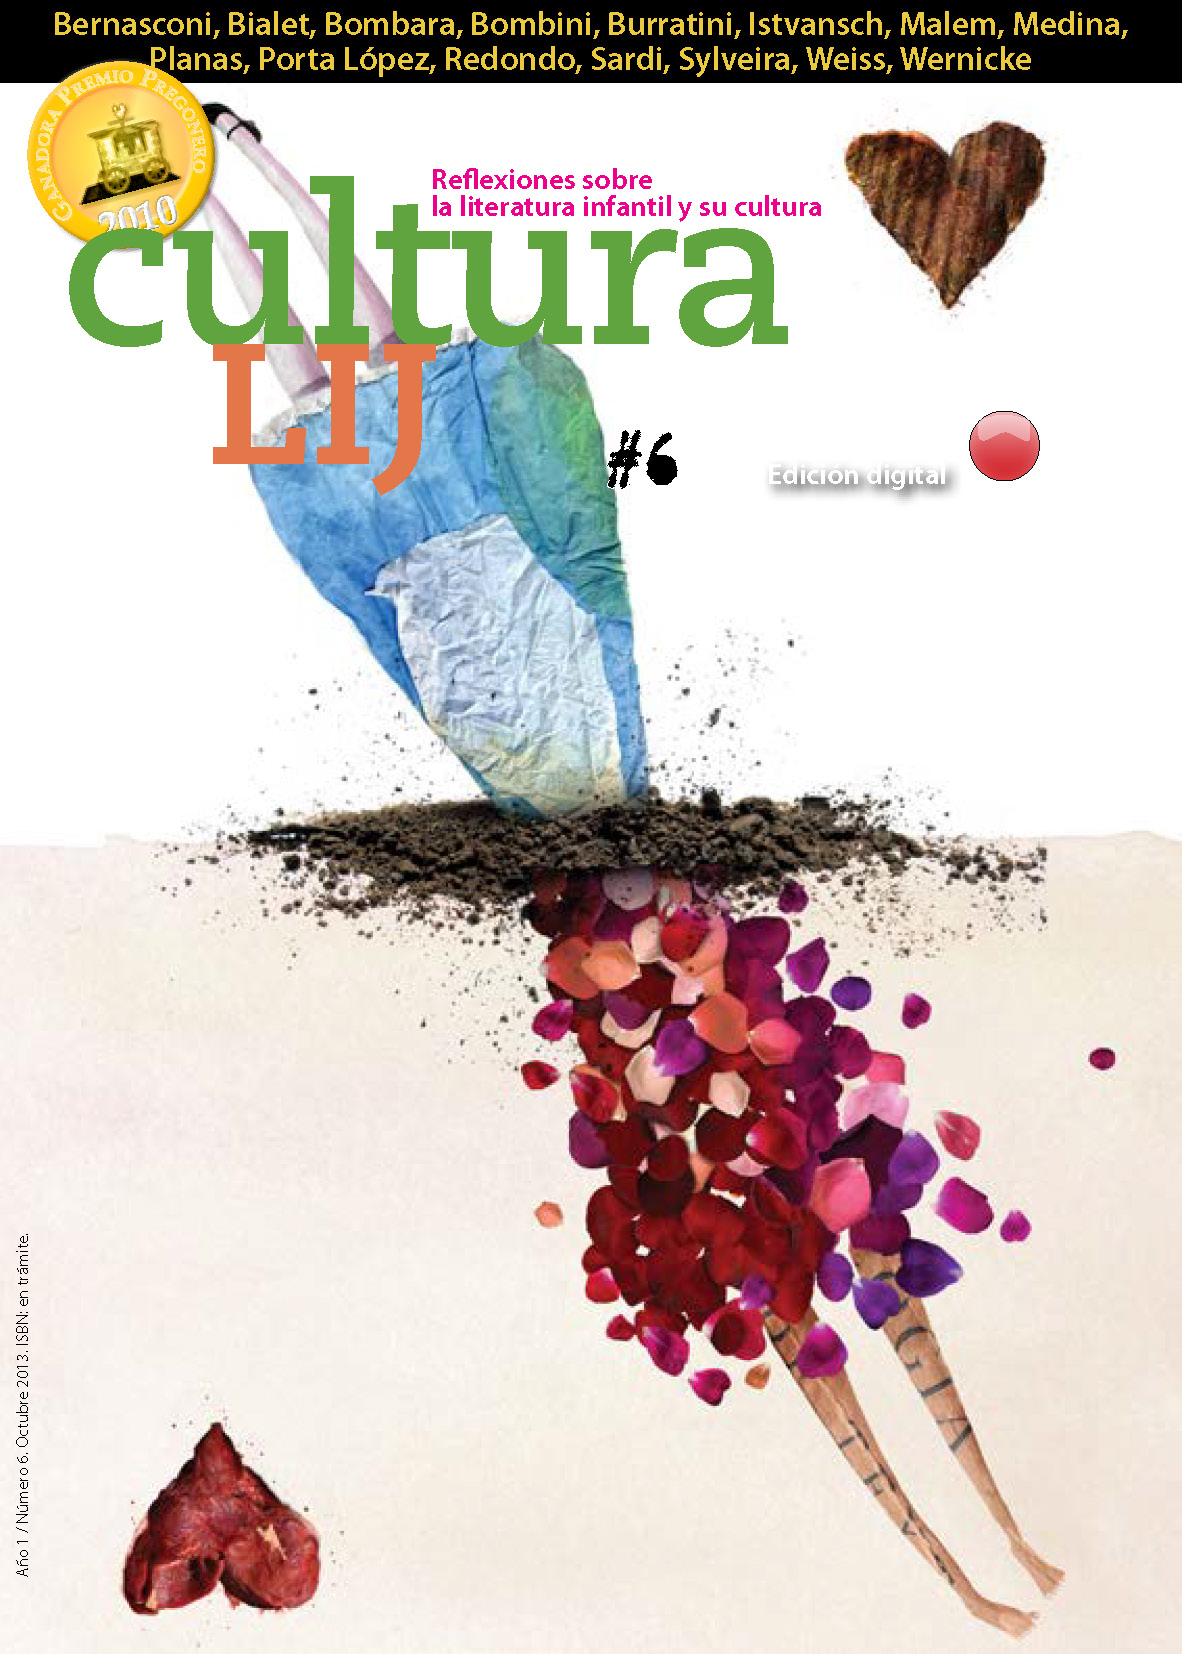 Una nueva edición de Cultura LIJ digital - Octubre 2013